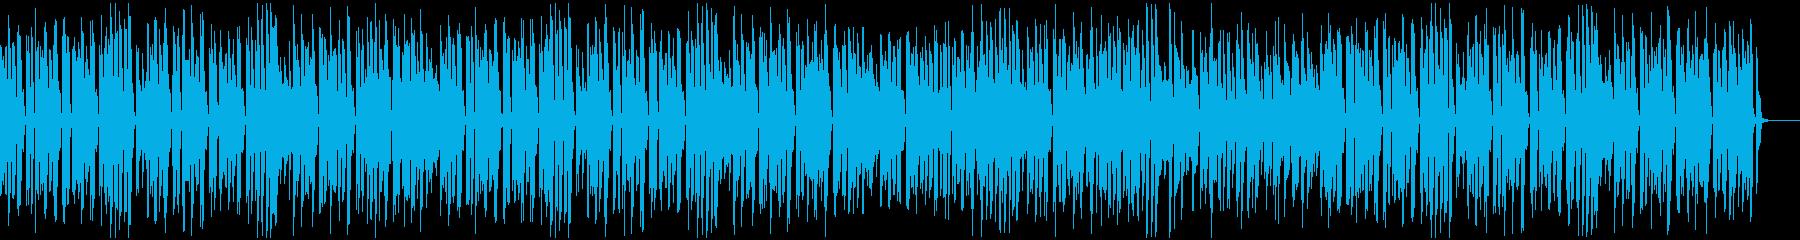 ゆったりシブかわいい王道ジャズピアノの再生済みの波形